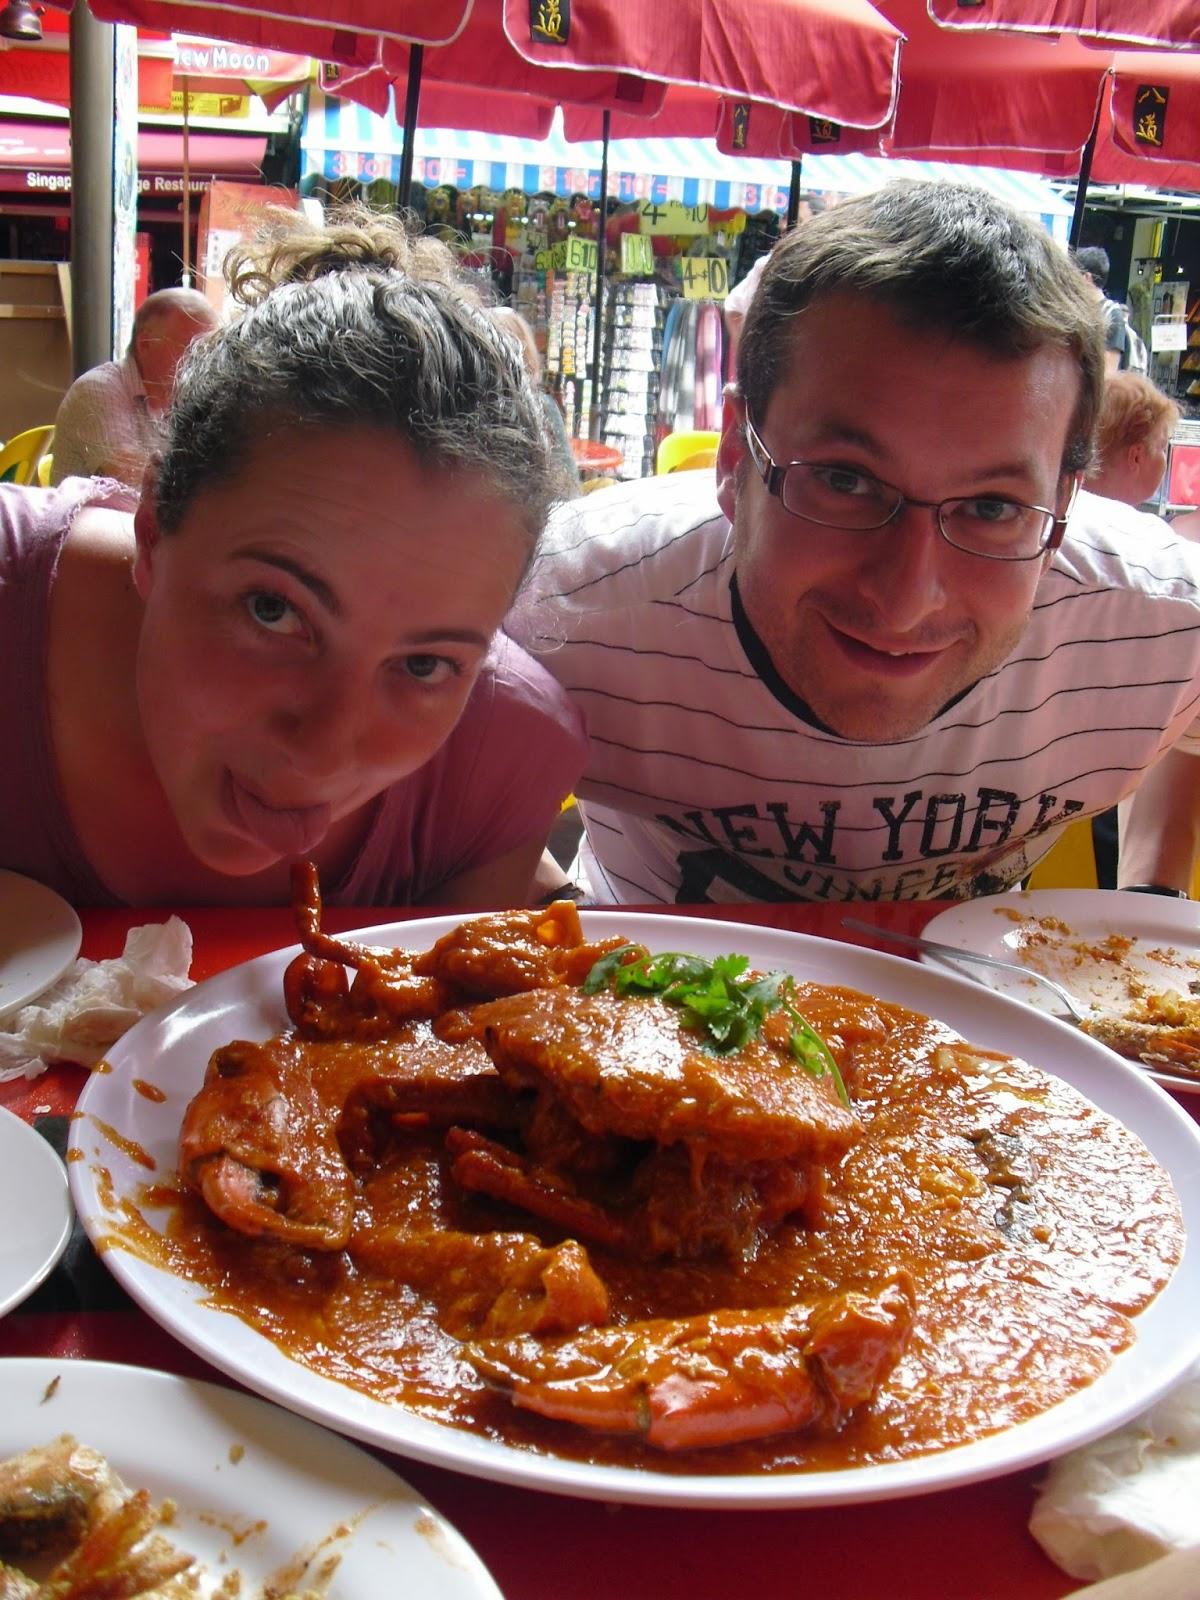 singapur, singapore cangrejo picante barrio chino